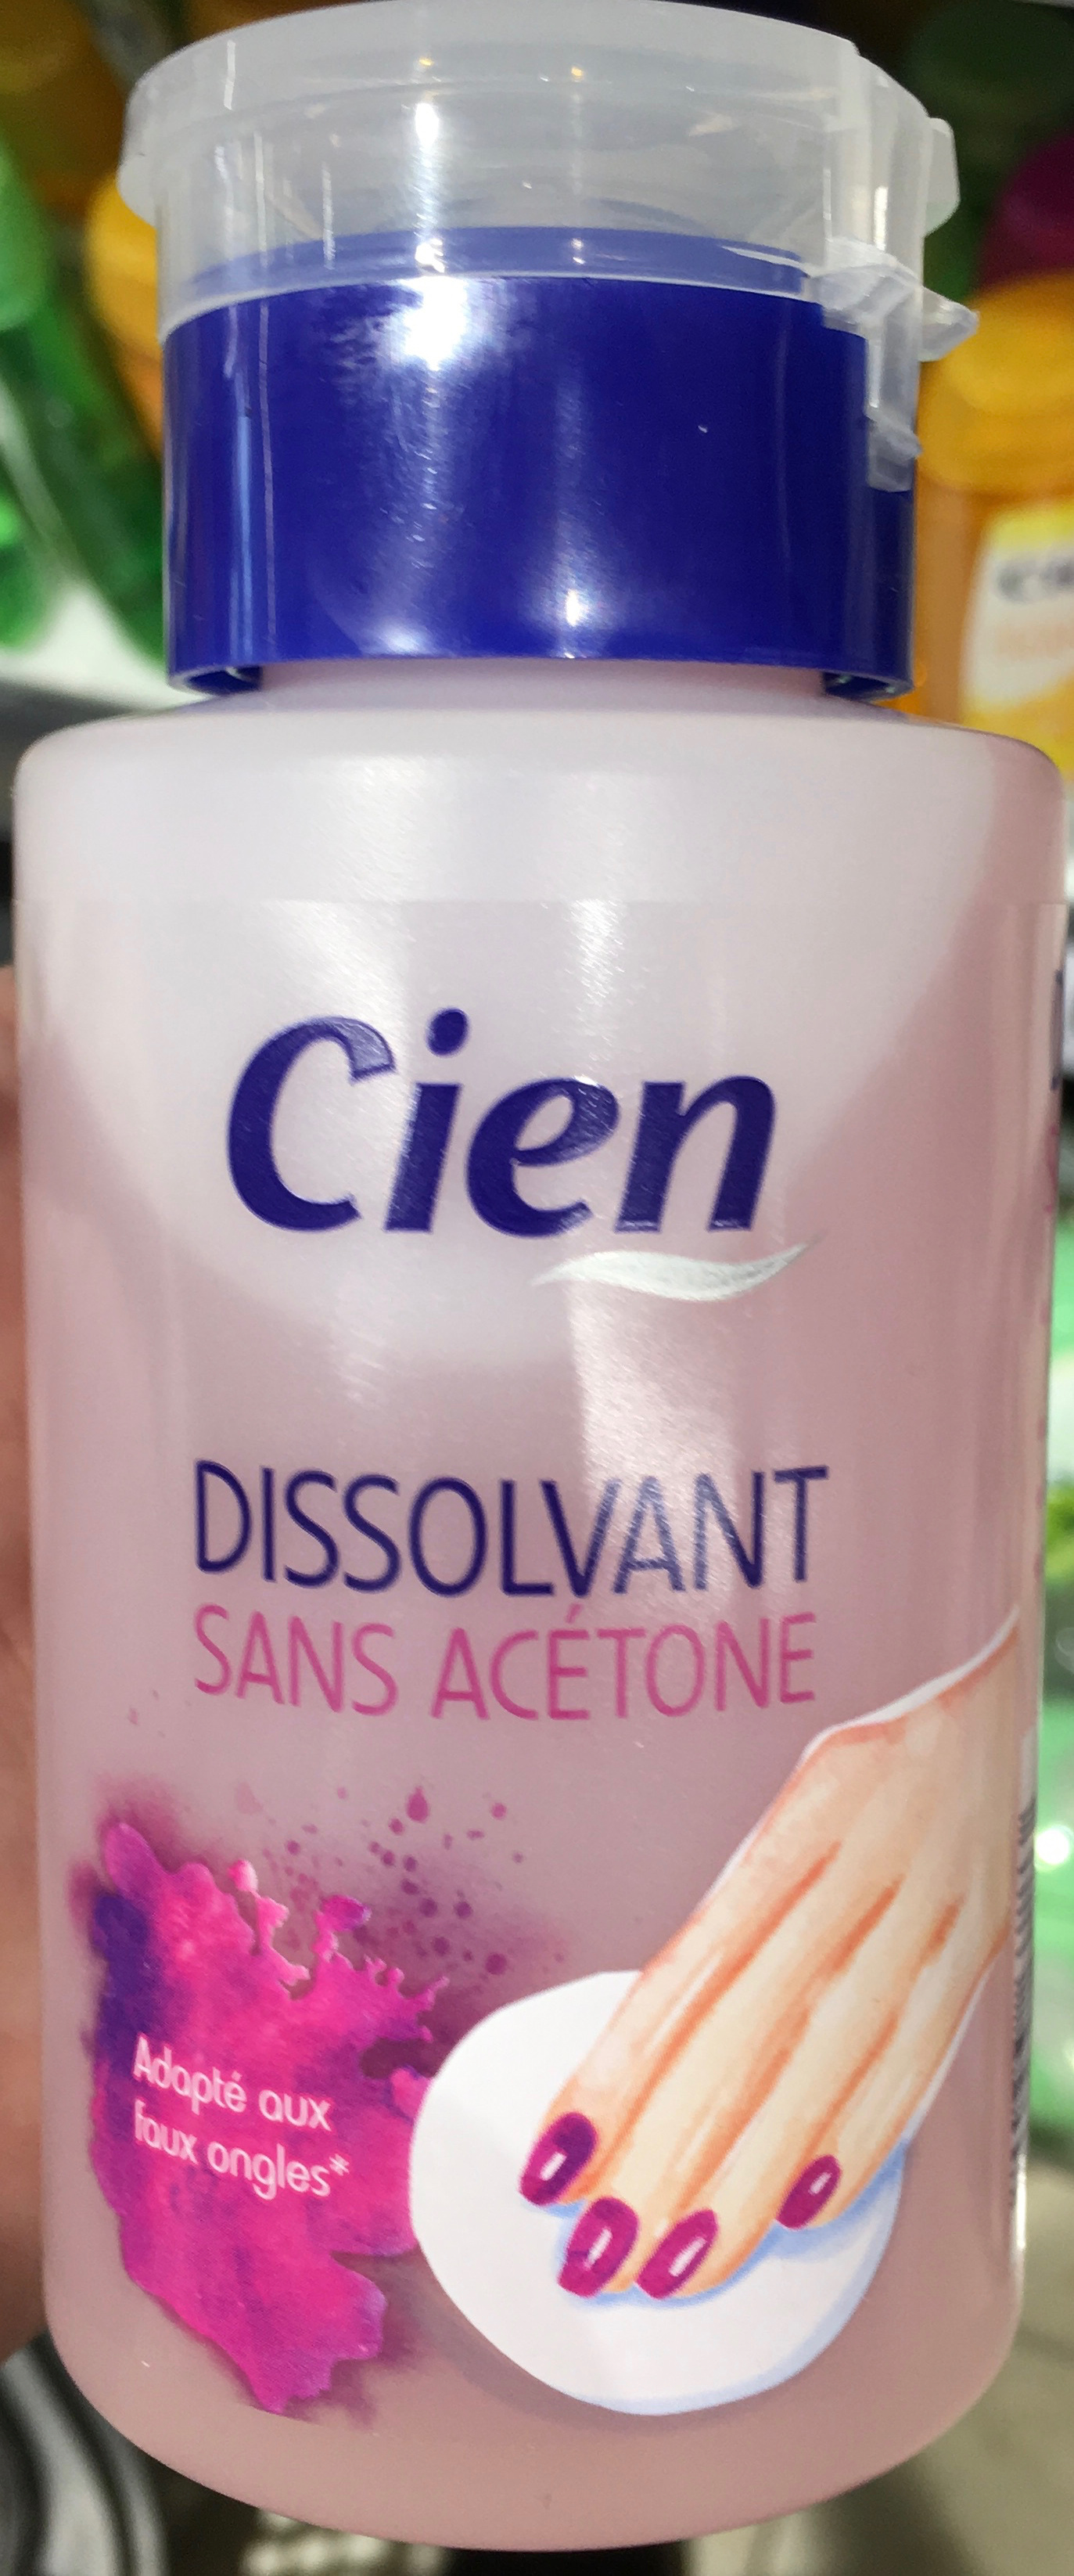 Dissolvant sans acétone - Produit - fr